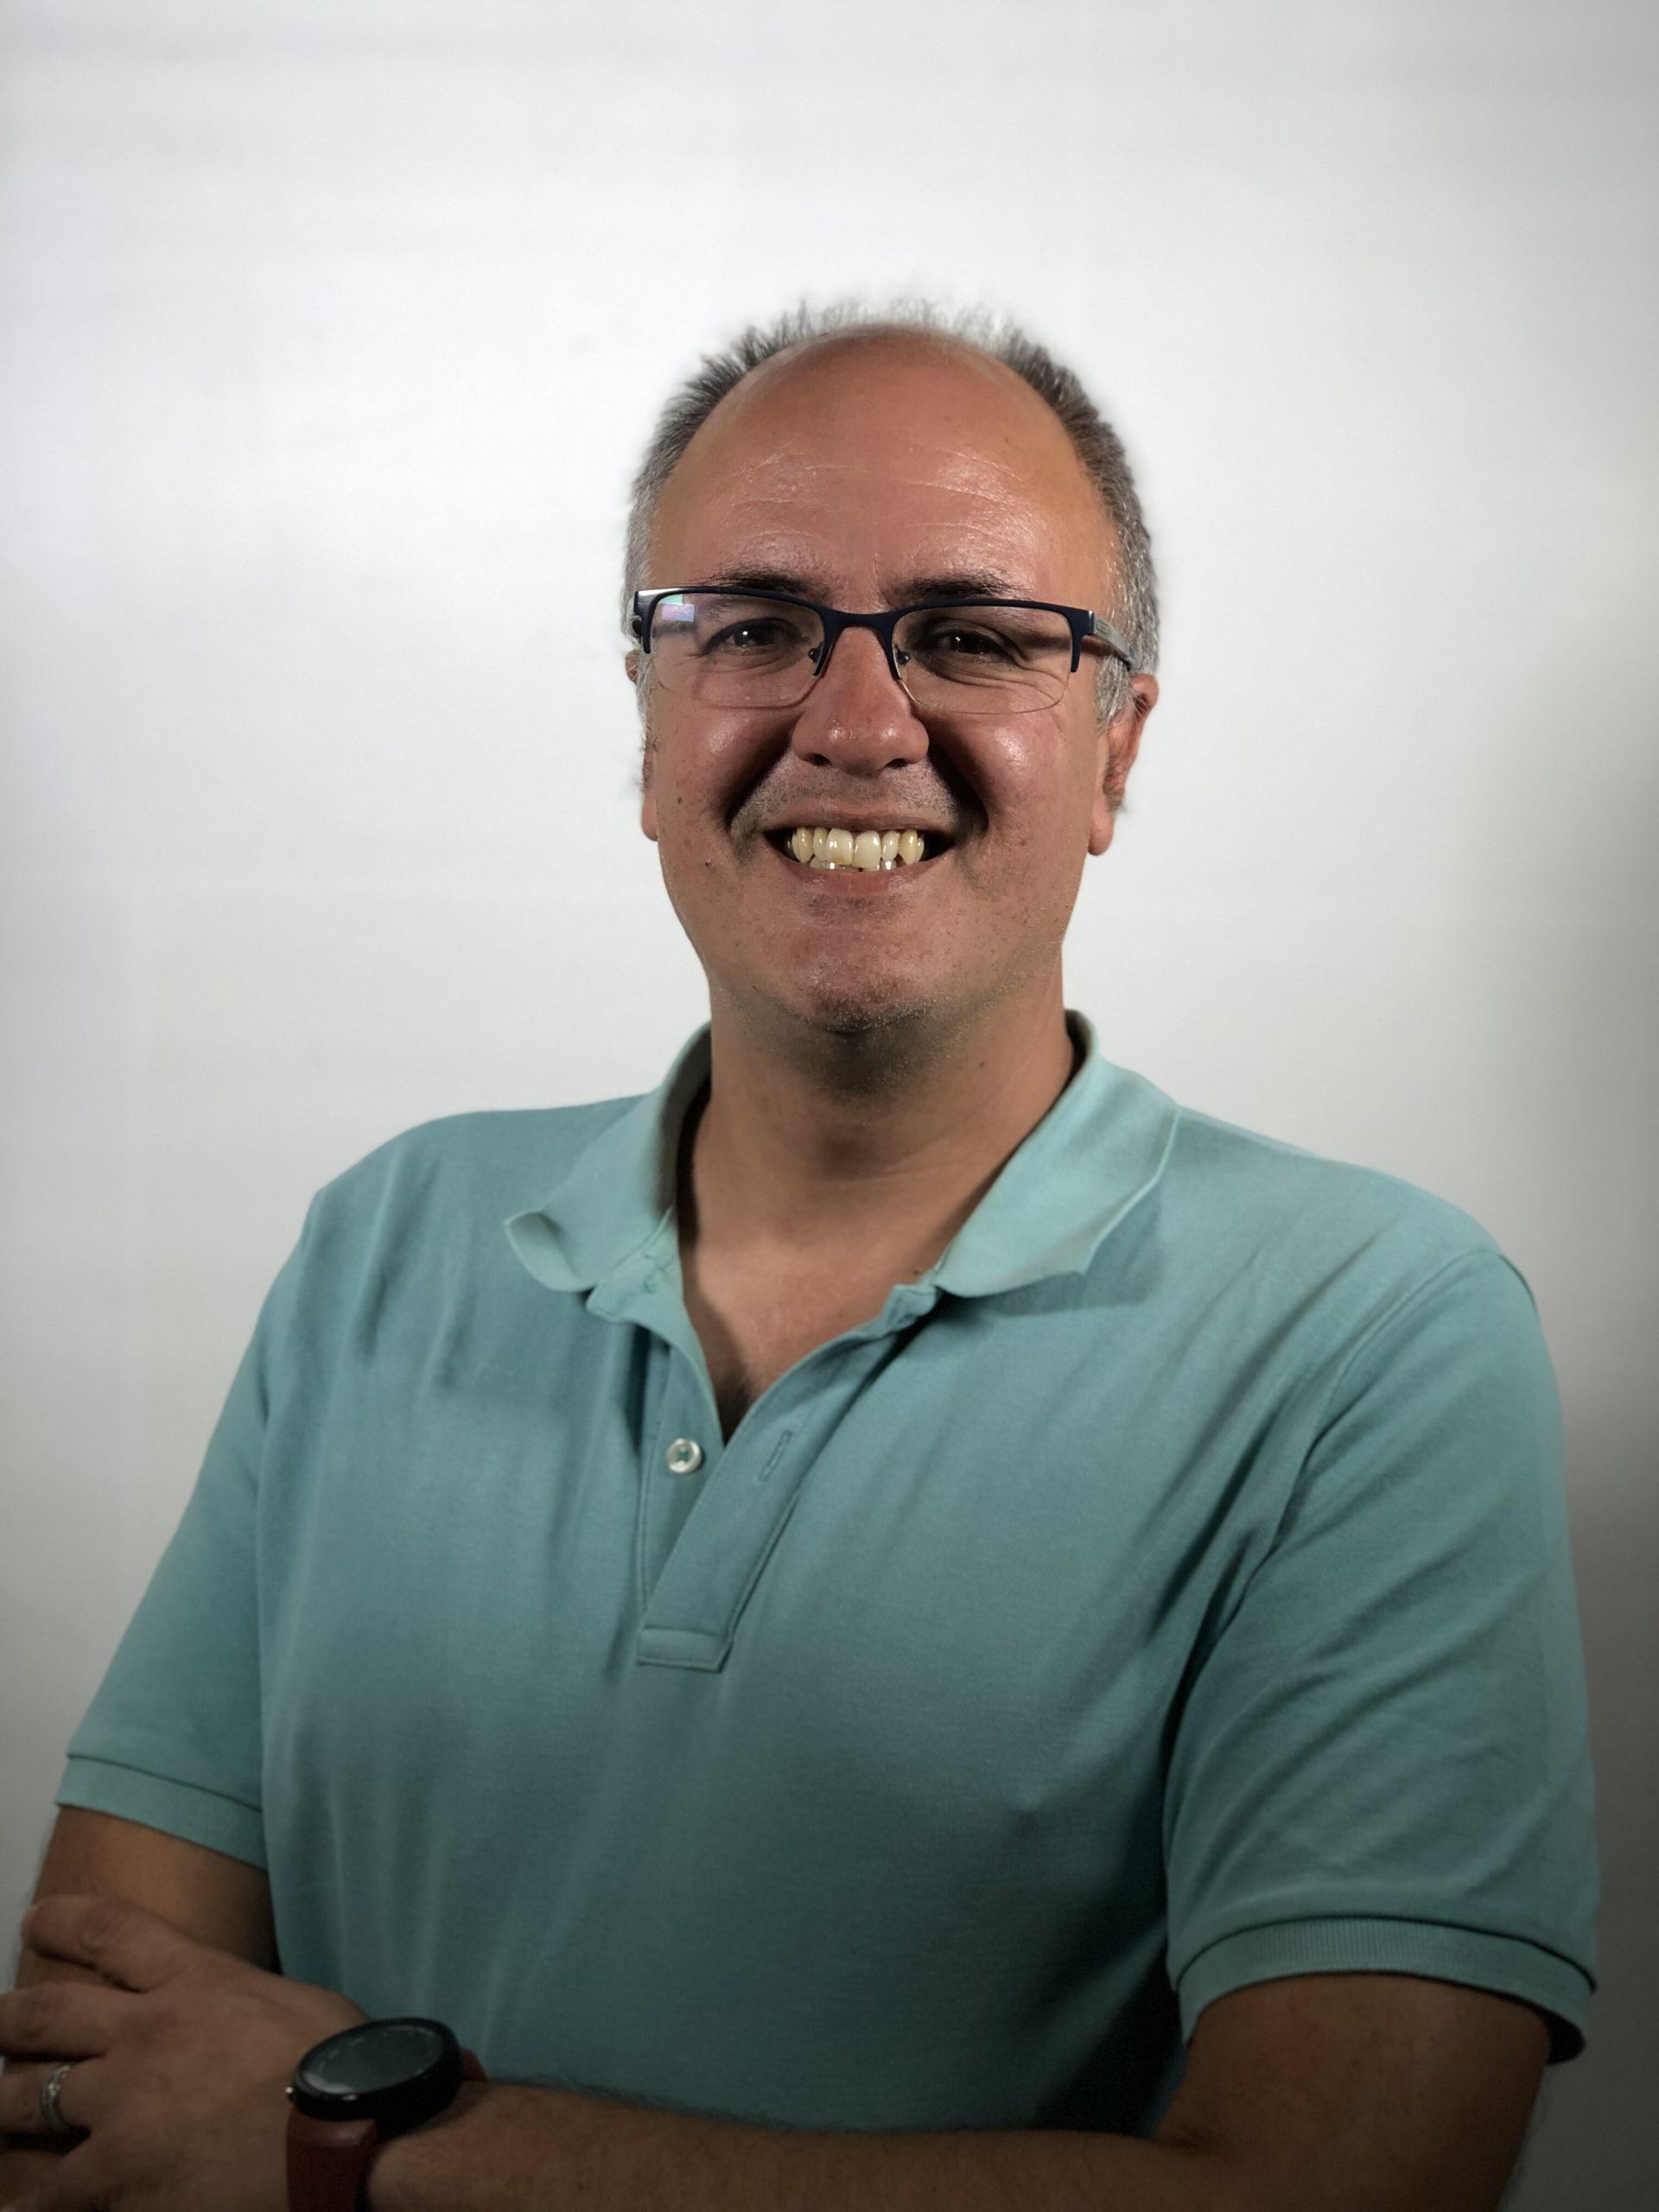 CARLOS MARÍA CÁRDENAS ROLDÁN